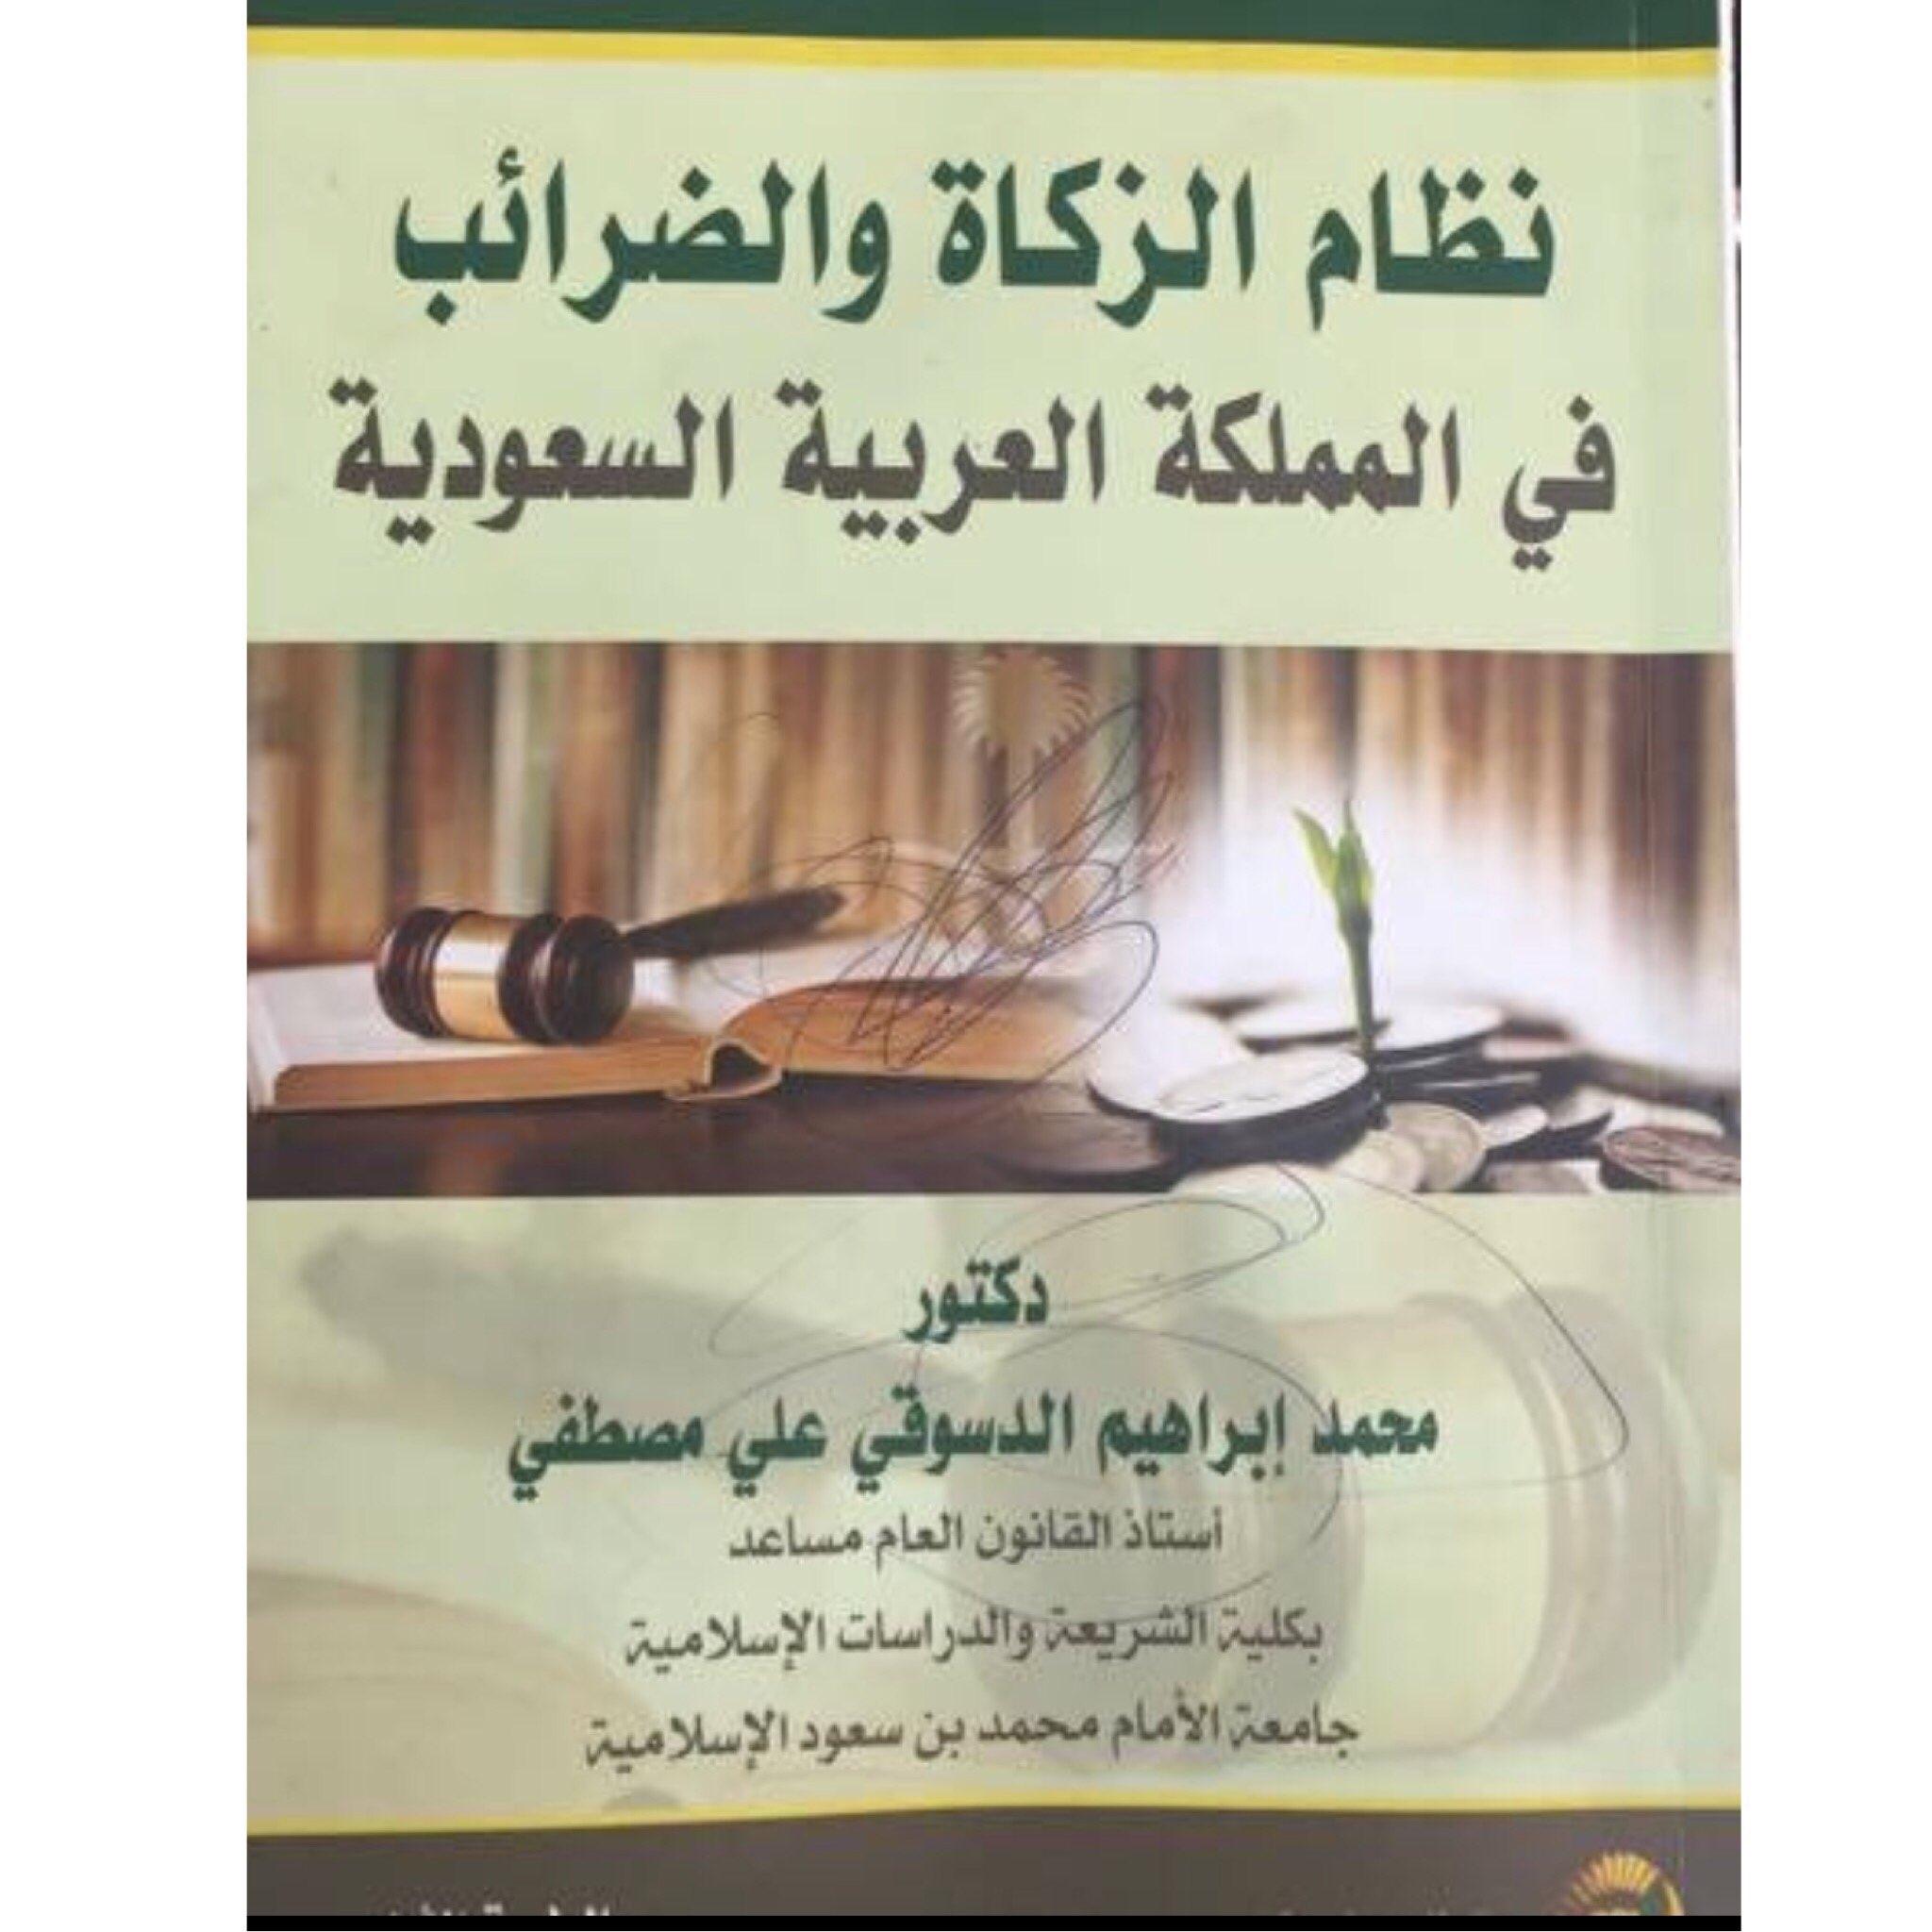 نظام الزكاة والضرائب في المملكة العربية السعودية